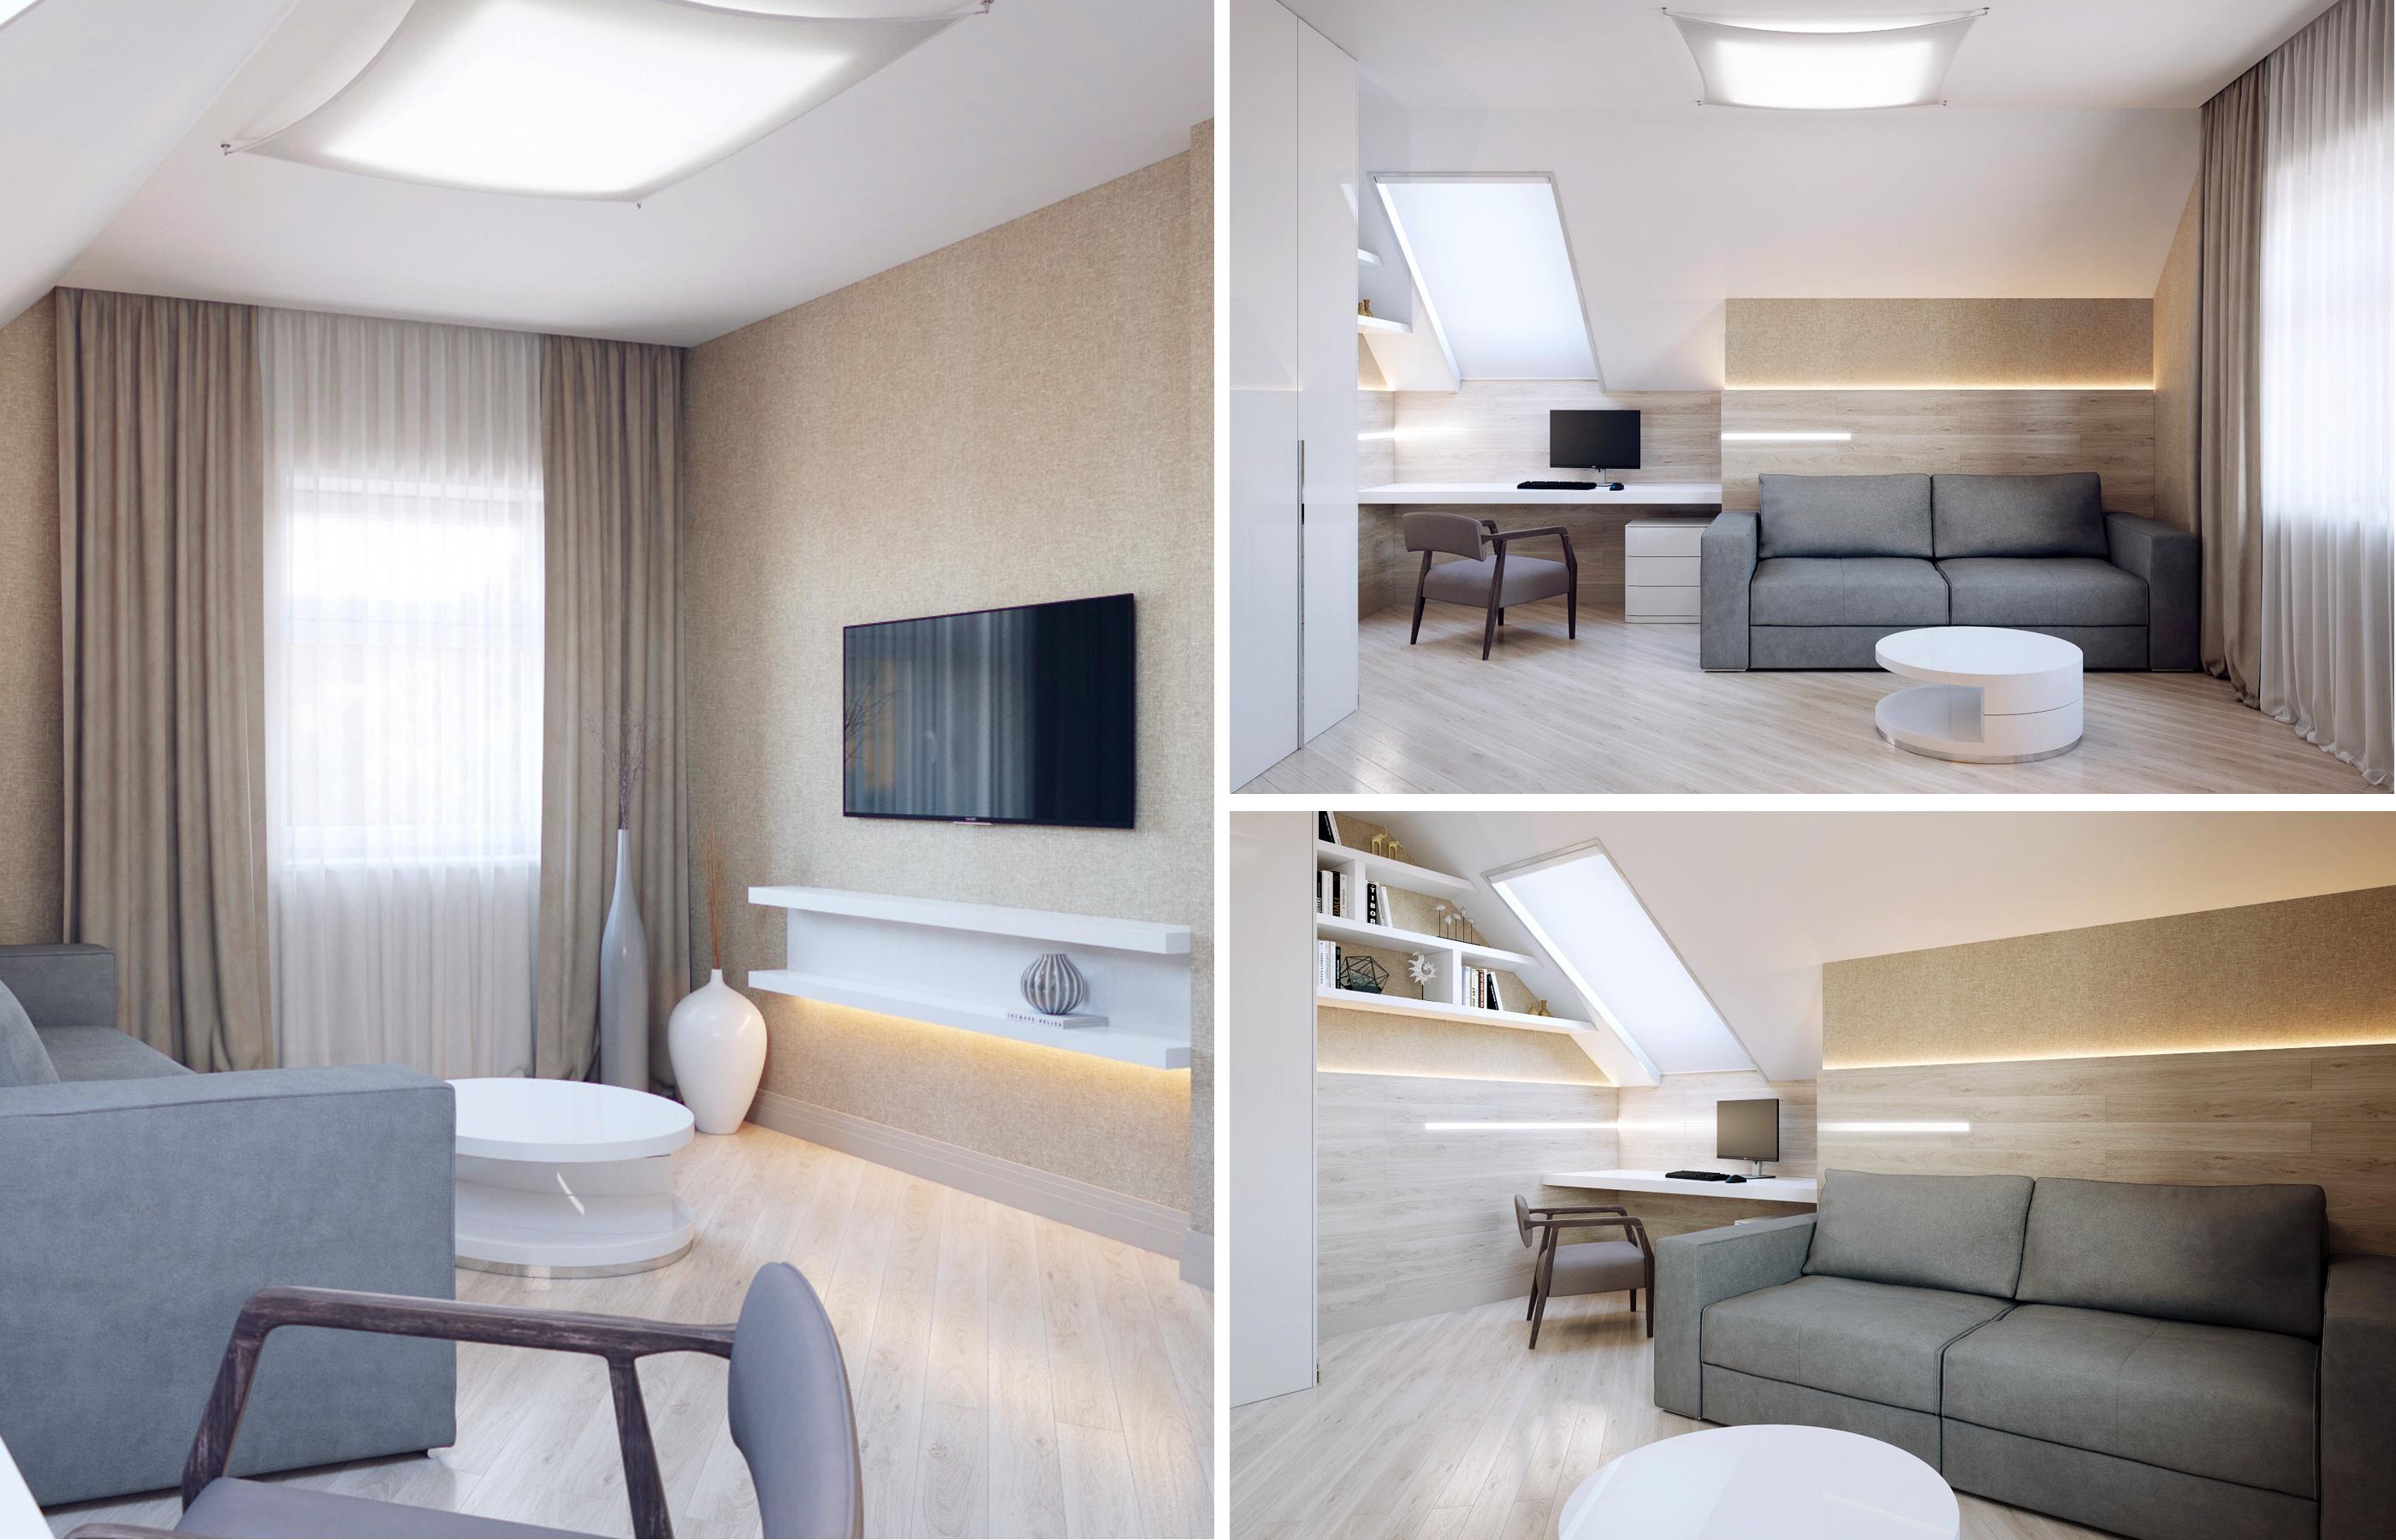 Дизайн интерьера кабинета в доме с мансардным потолком